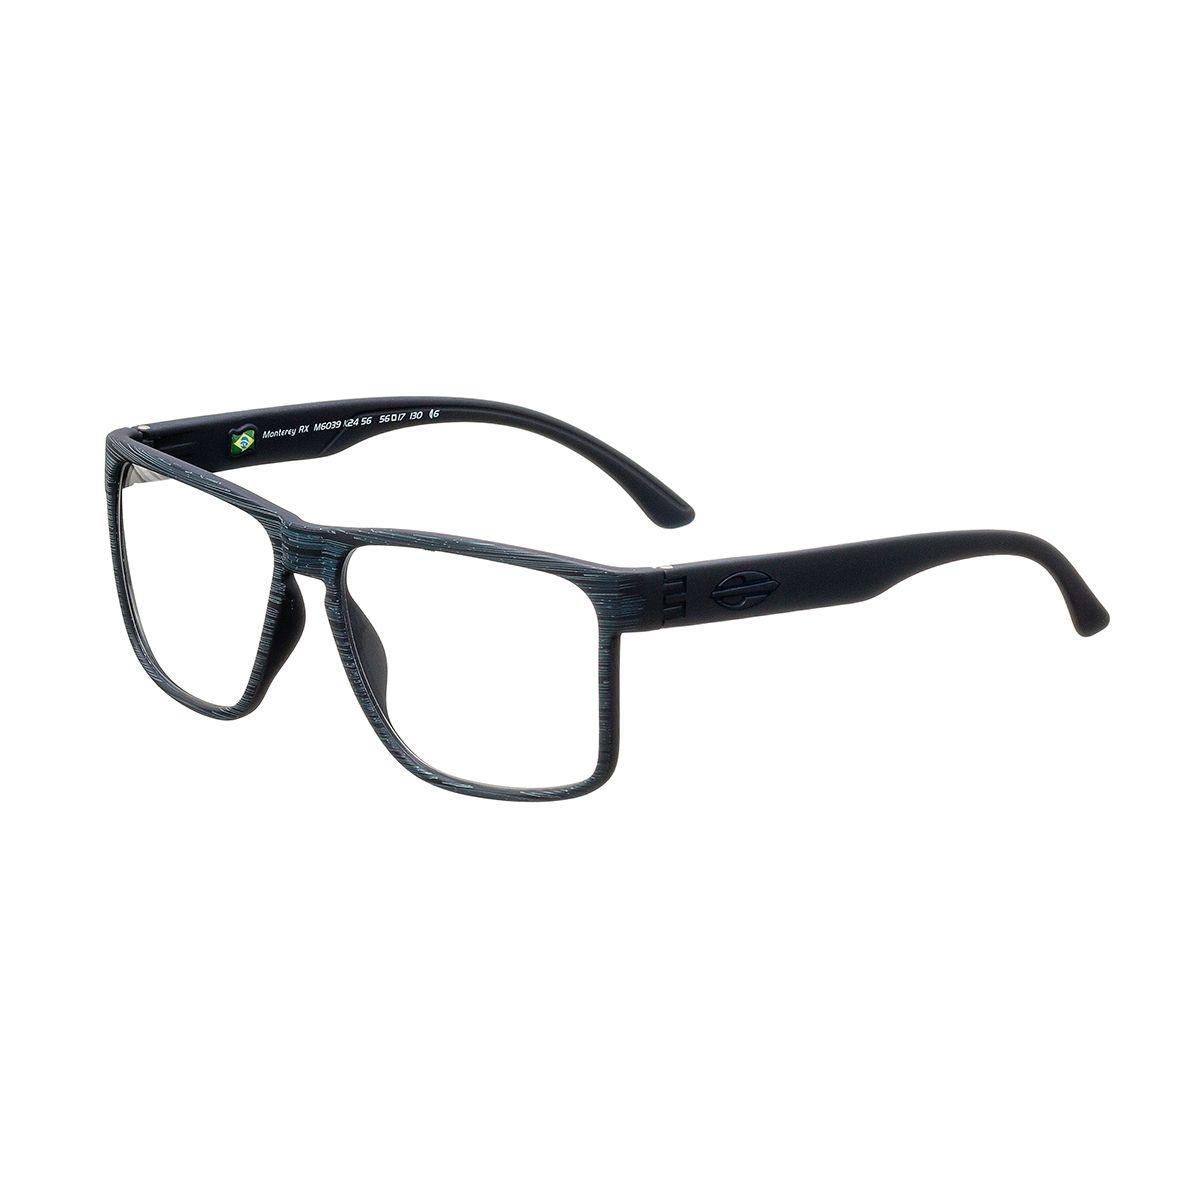 24f76dd8fe922 Óculos de Grau Masculino Mormaii Bold M6039 K24 Tam.56 Men s Eyewear